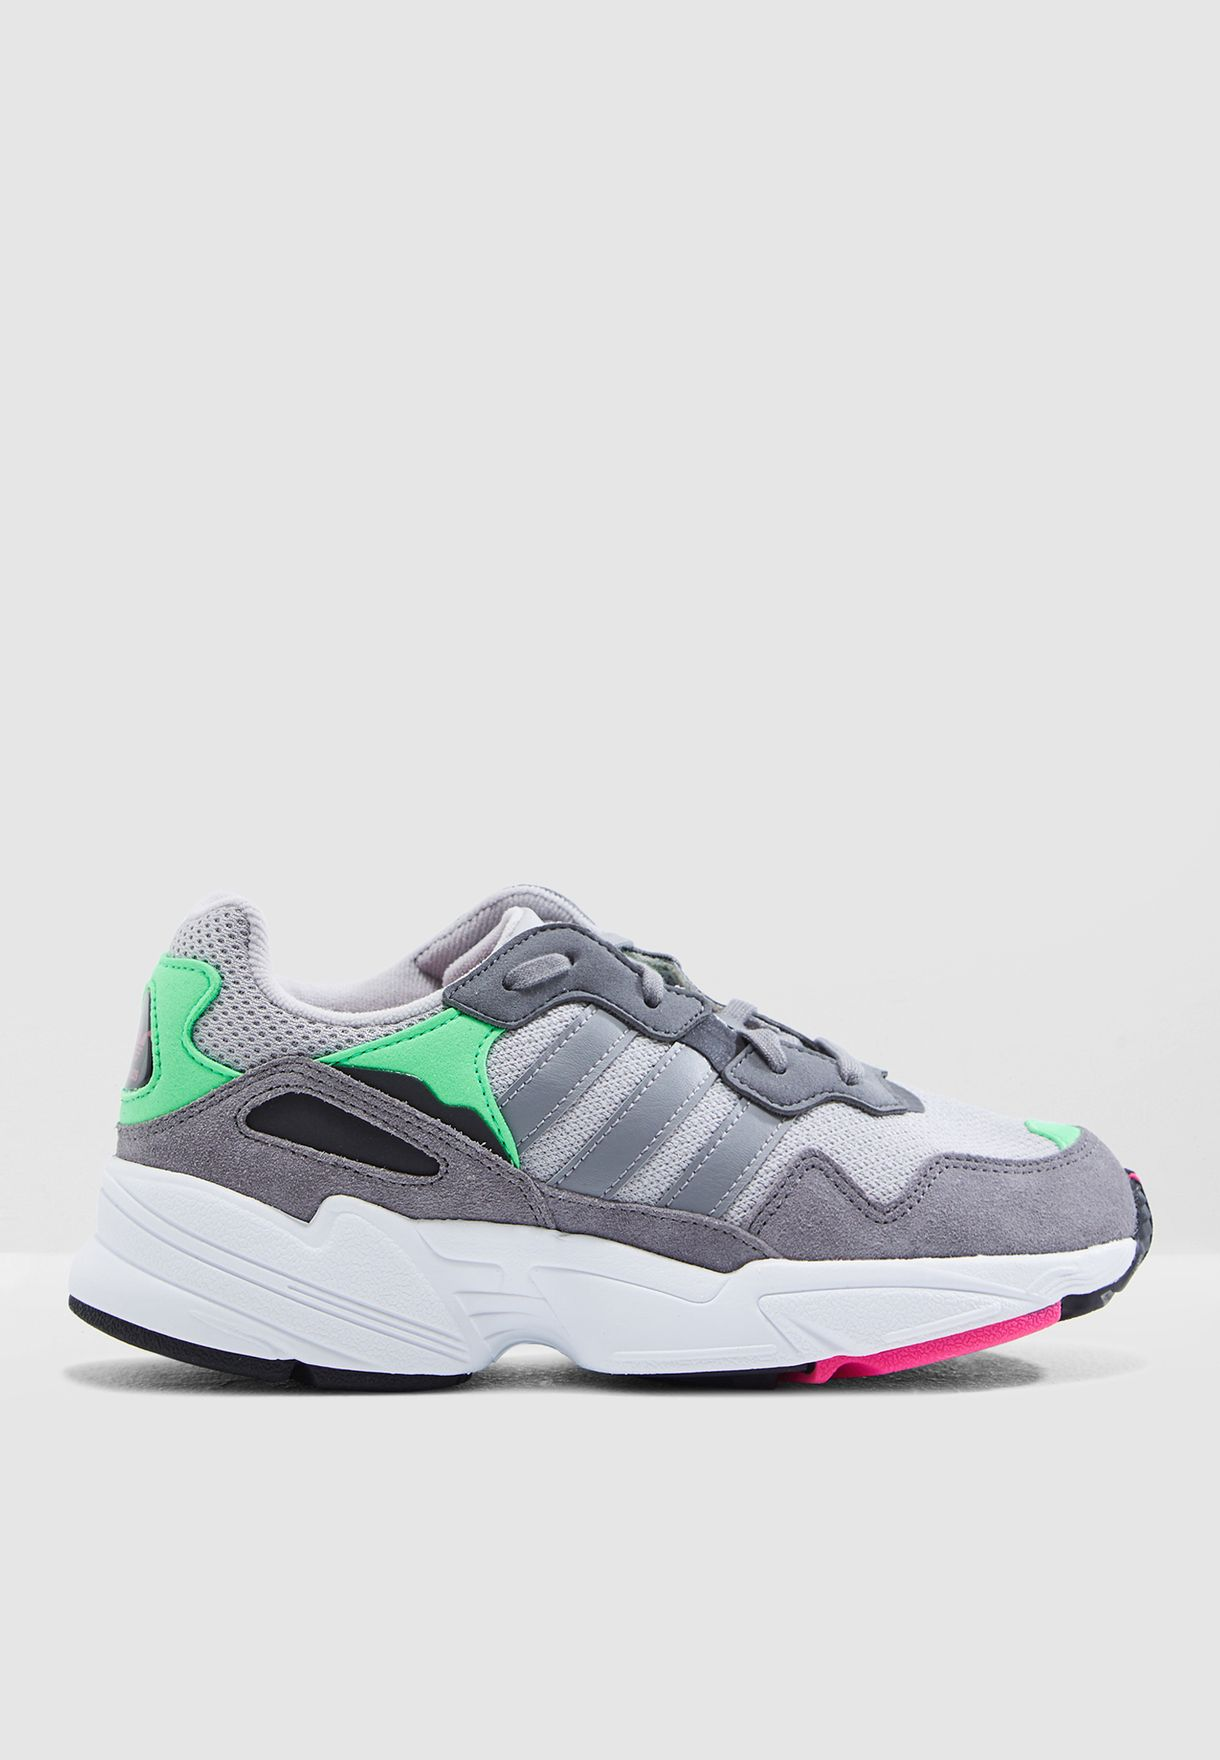 5b2dd0e12a7c Shop adidas Originals grey Youth Yung-96 DB2802 for Kids in UAE ...